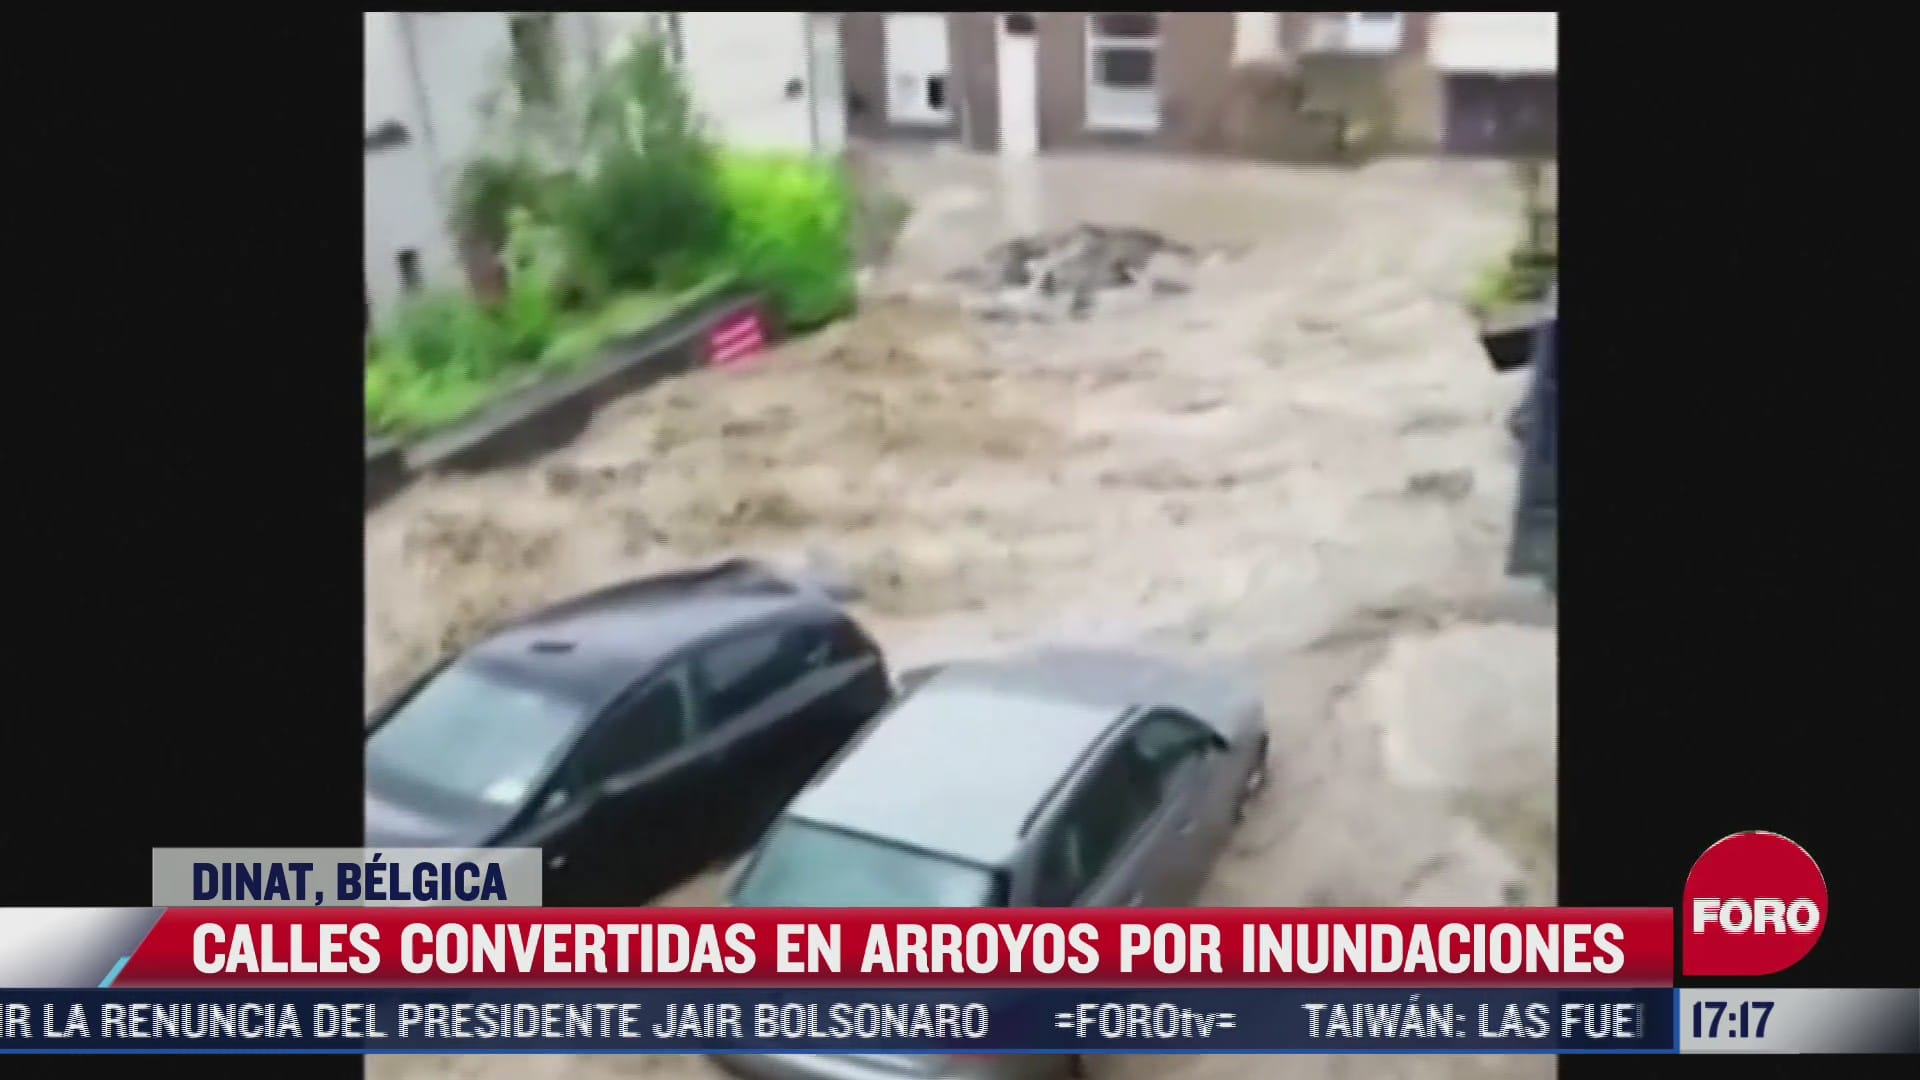 calles se convirtieron en arroyos por las inundaciones en belgica